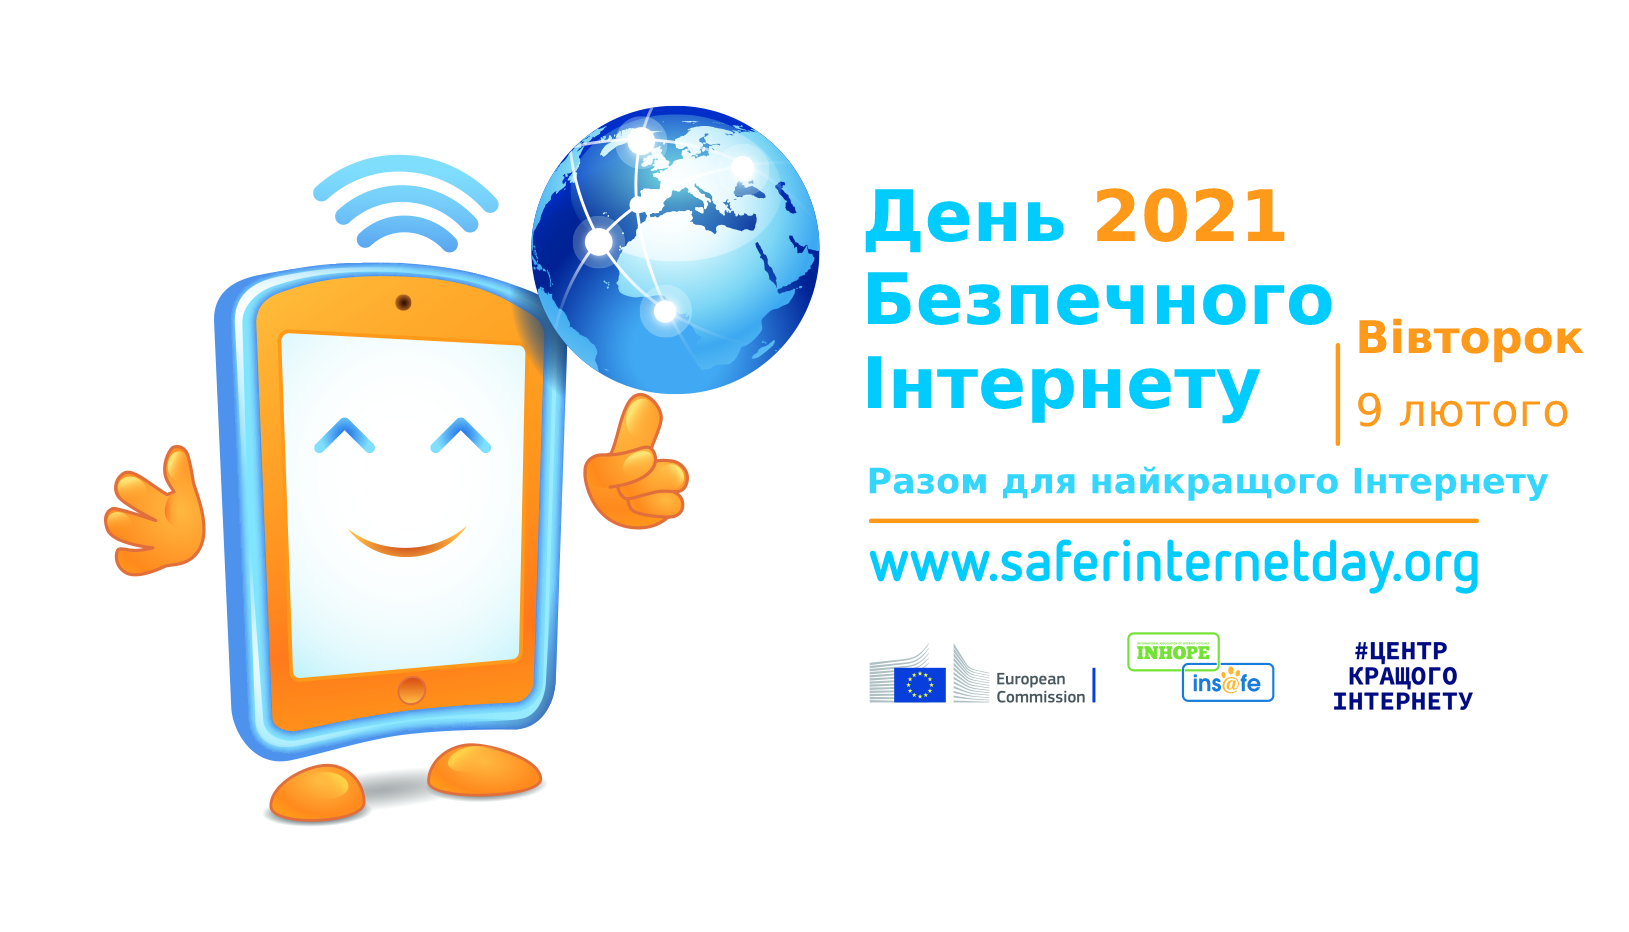 """9 лютого 2021 року у світі відзначається День безпечного Інтернету під гаслом """"Разом для найкращого Інтернету""""."""